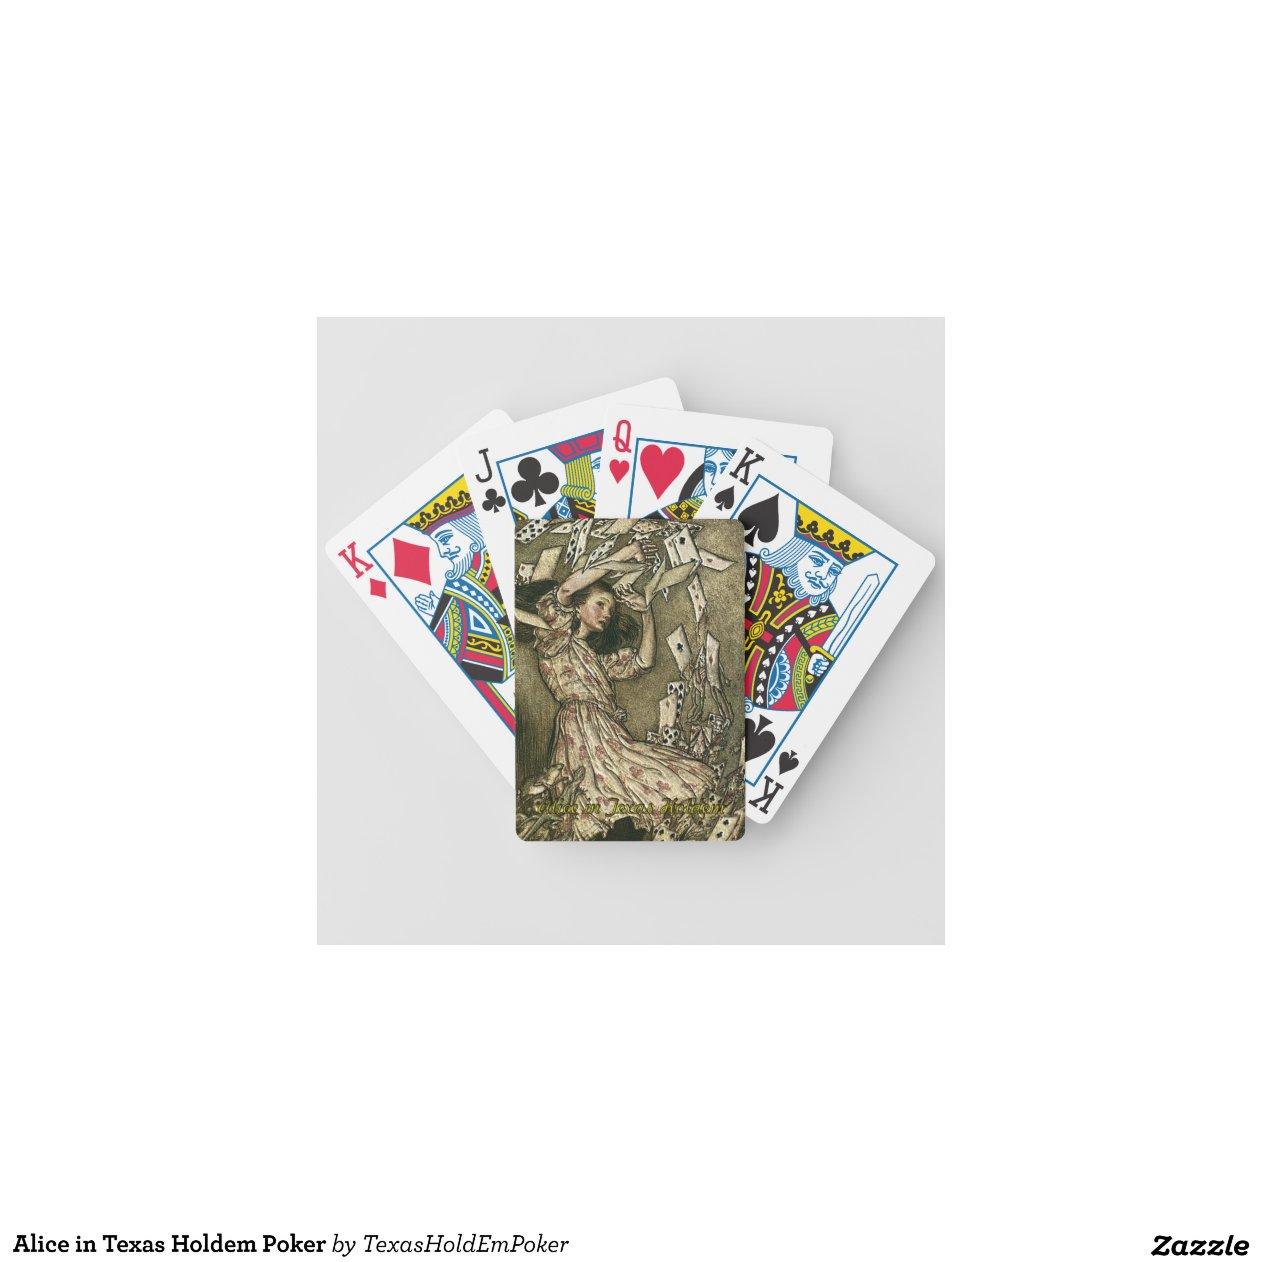 Texas holdem poker card viewer